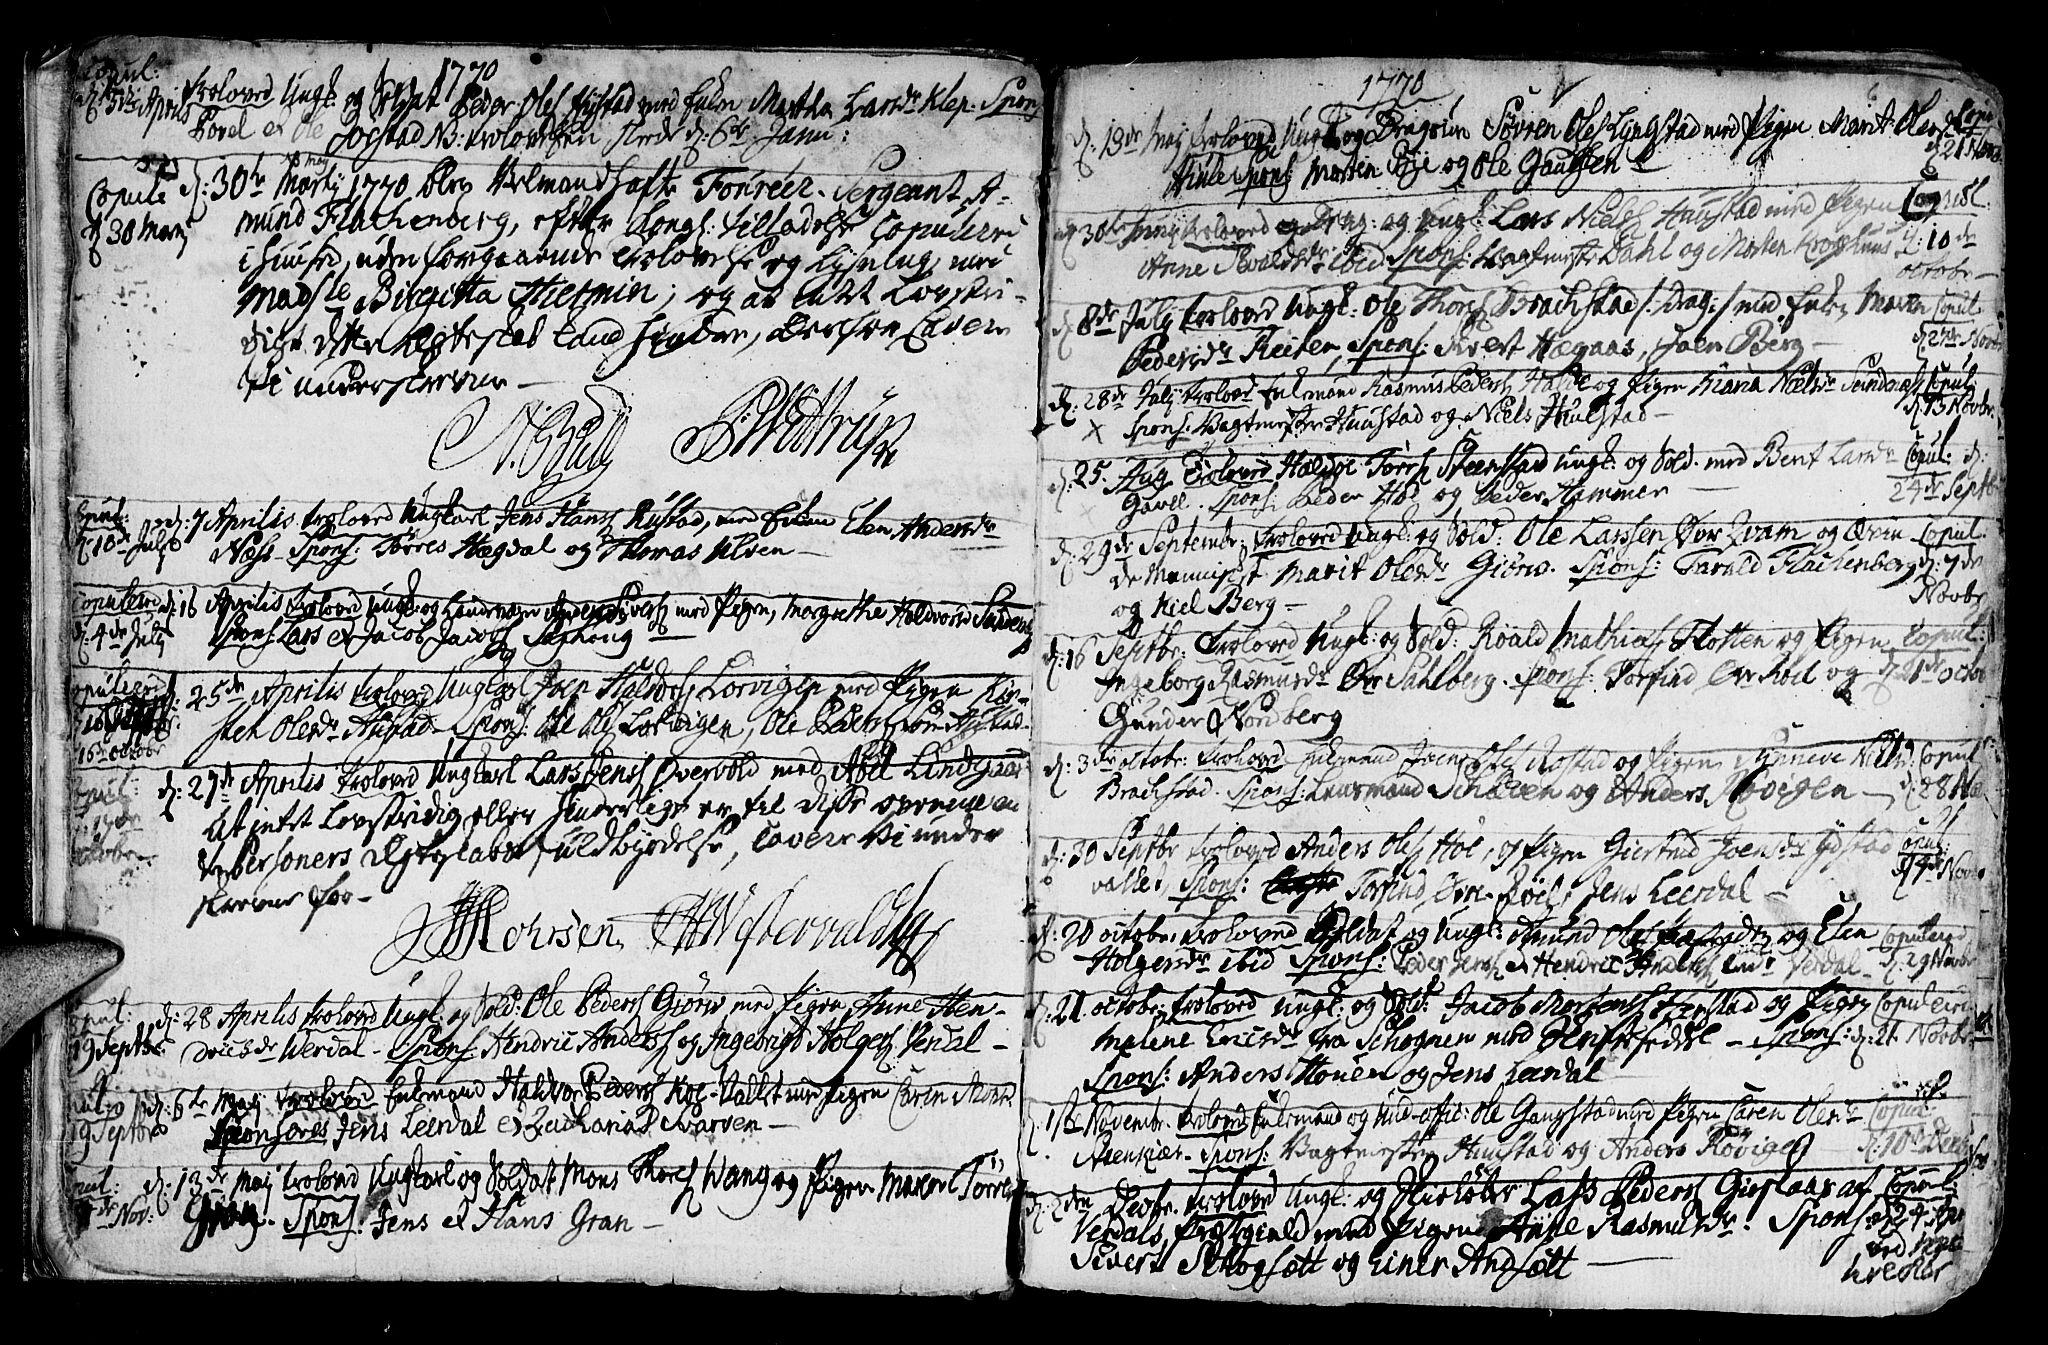 SAT, Ministerialprotokoller, klokkerbøker og fødselsregistre - Nord-Trøndelag, 730/L0273: Ministerialbok nr. 730A02, 1762-1802, s. 6